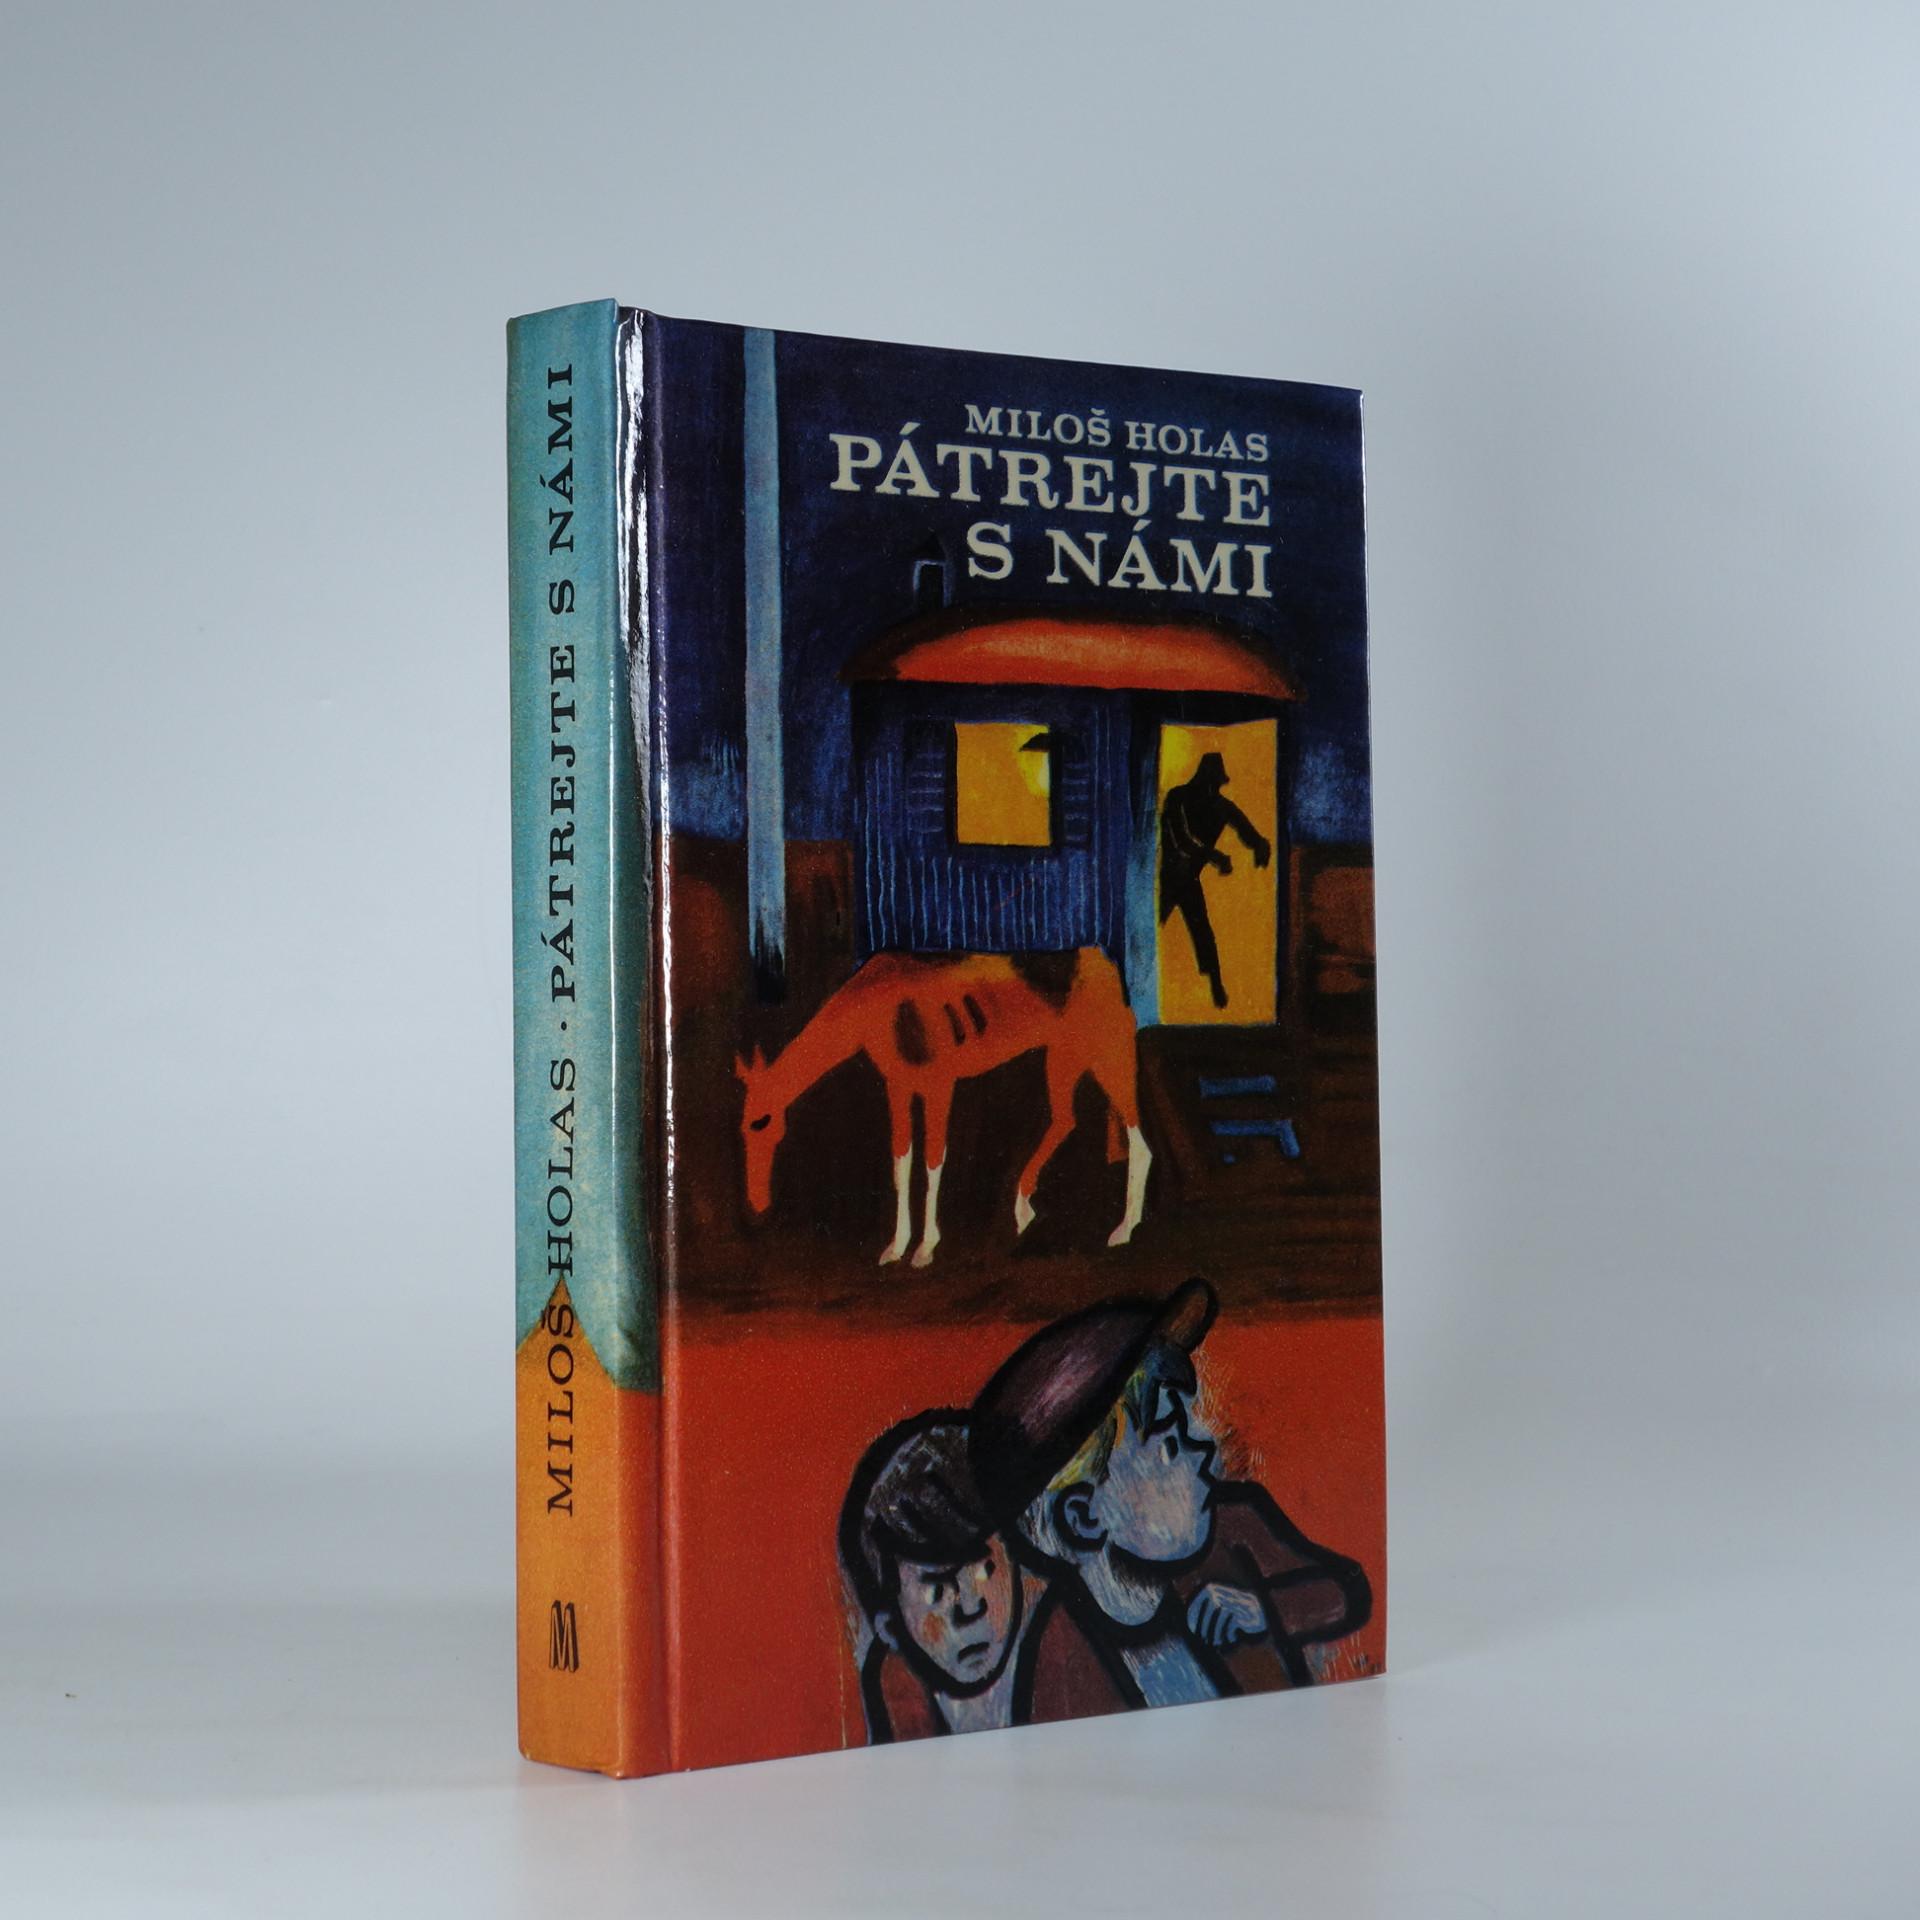 antikvární kniha Pátrejte s námi, 1971